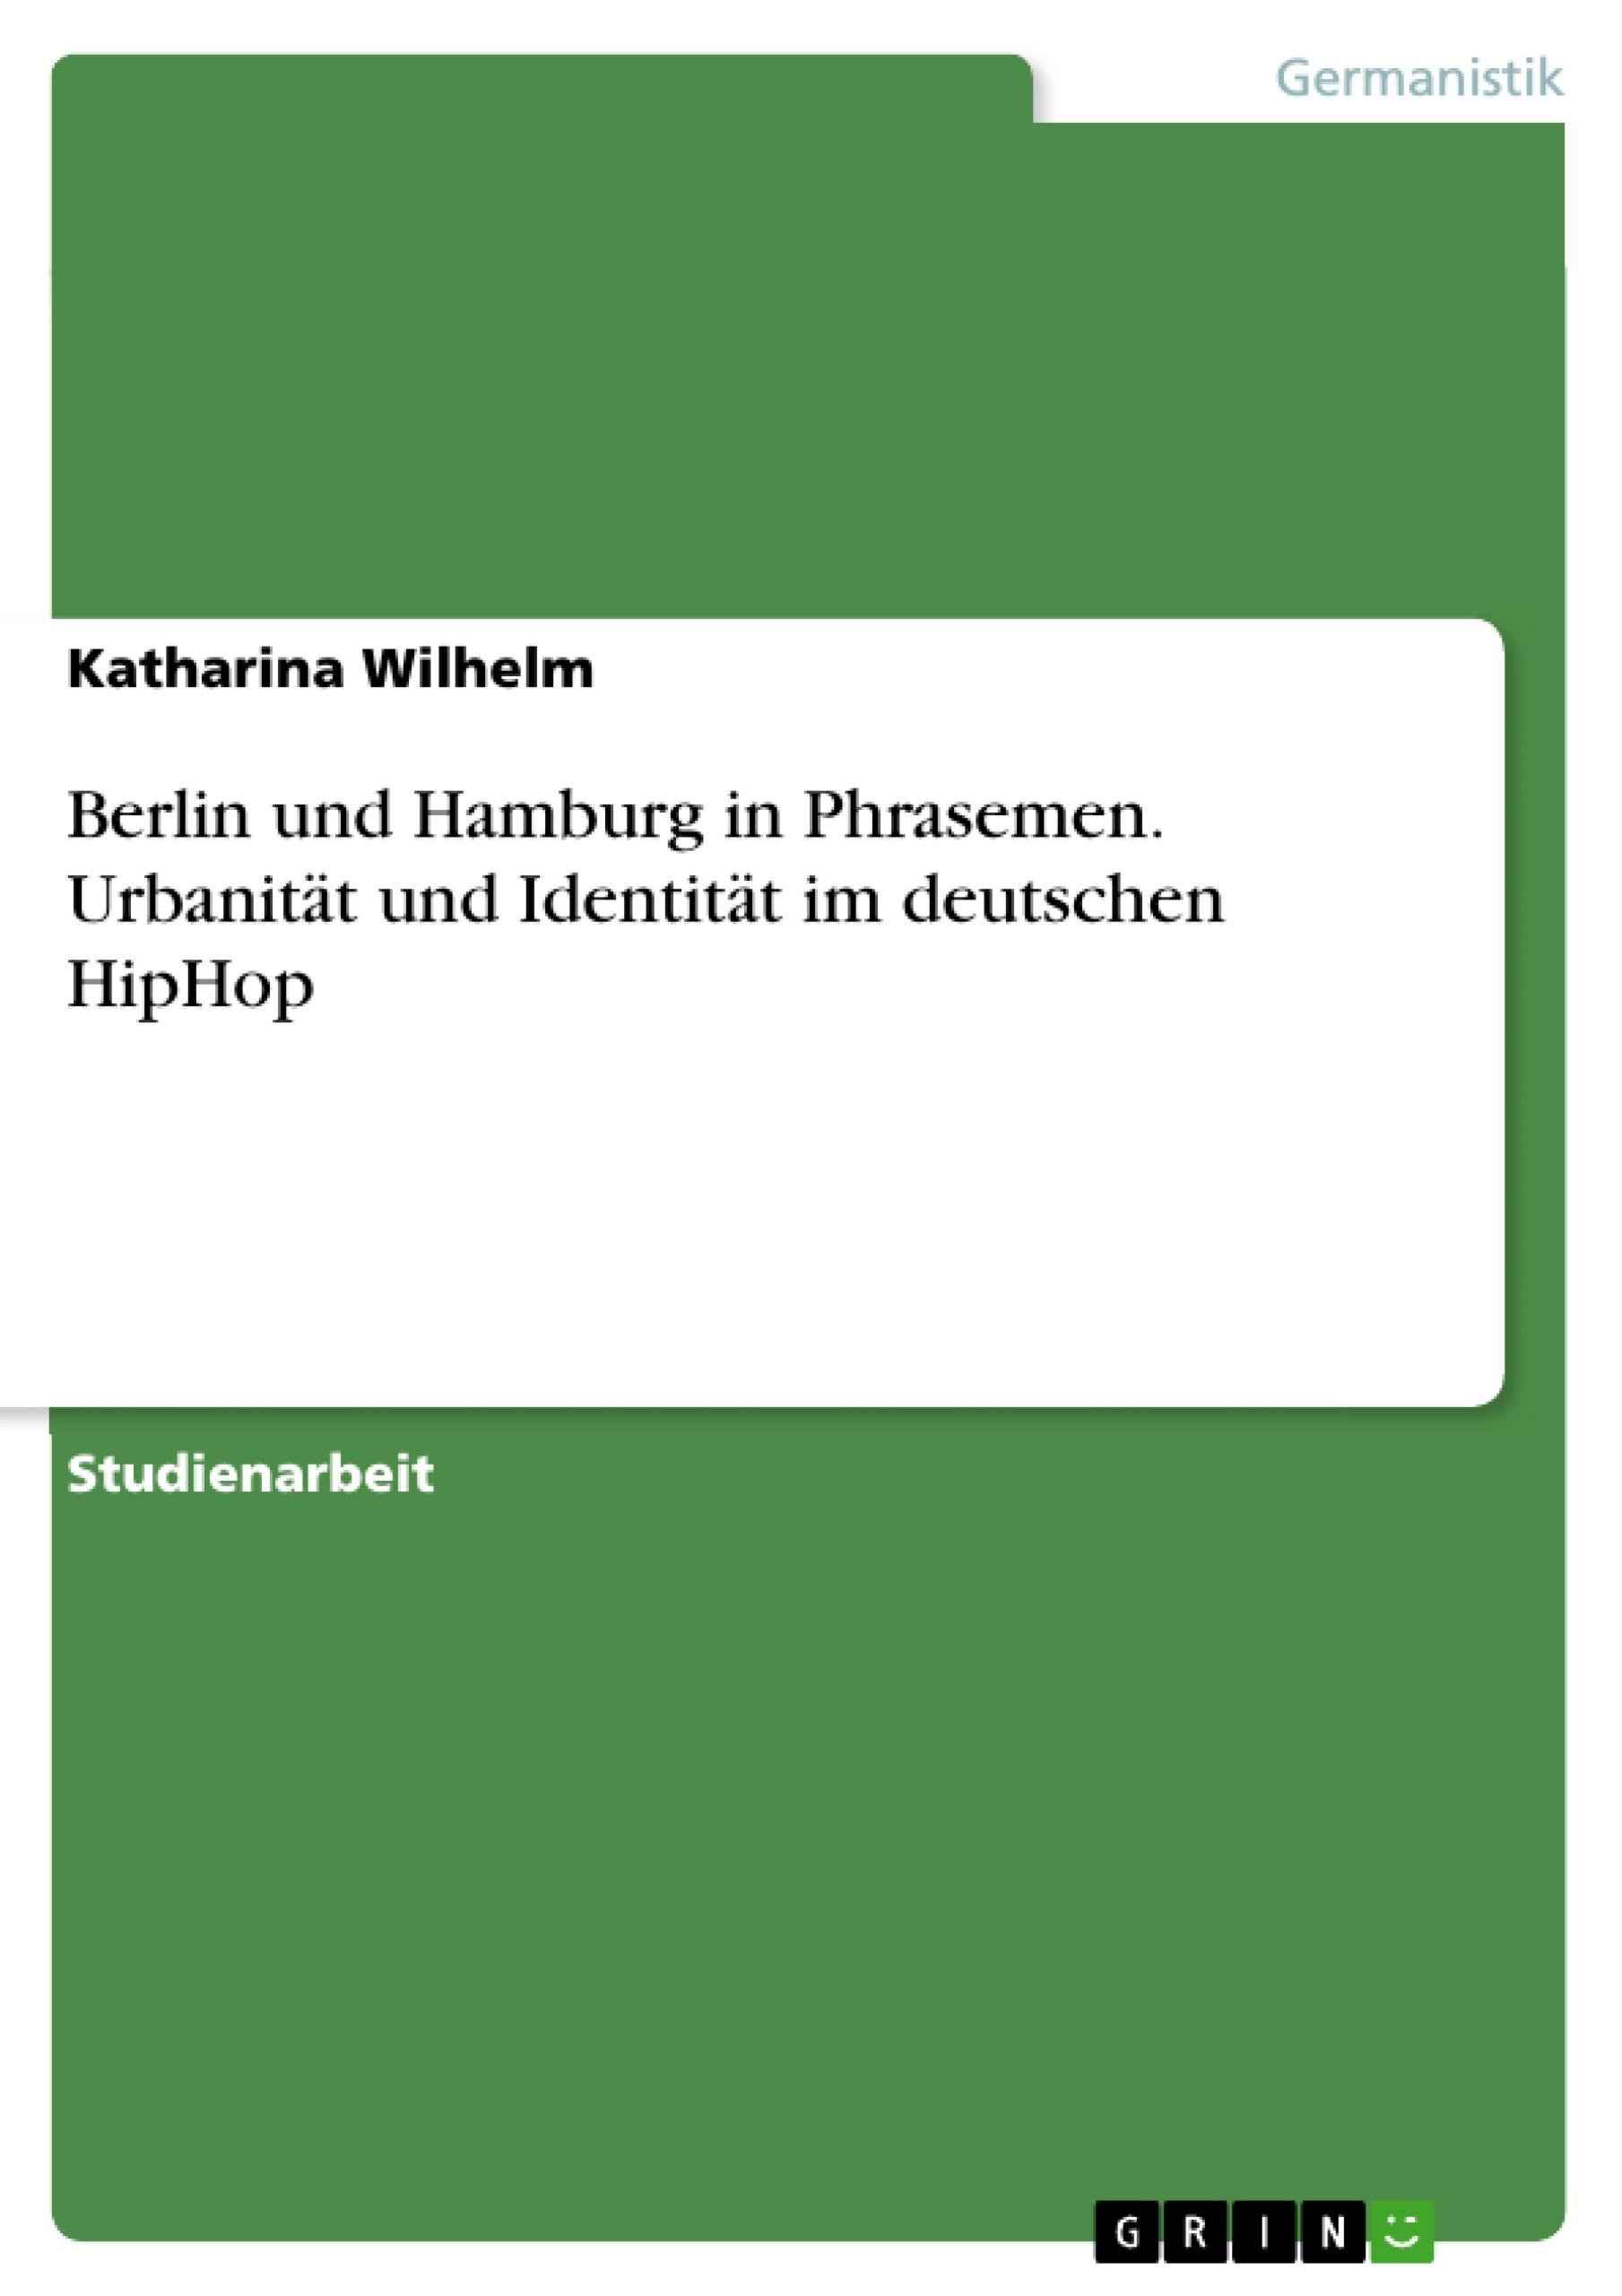 Titel: Berlin und Hamburg in Phrasemen. Urbanität und Identität im deutschen HipHop